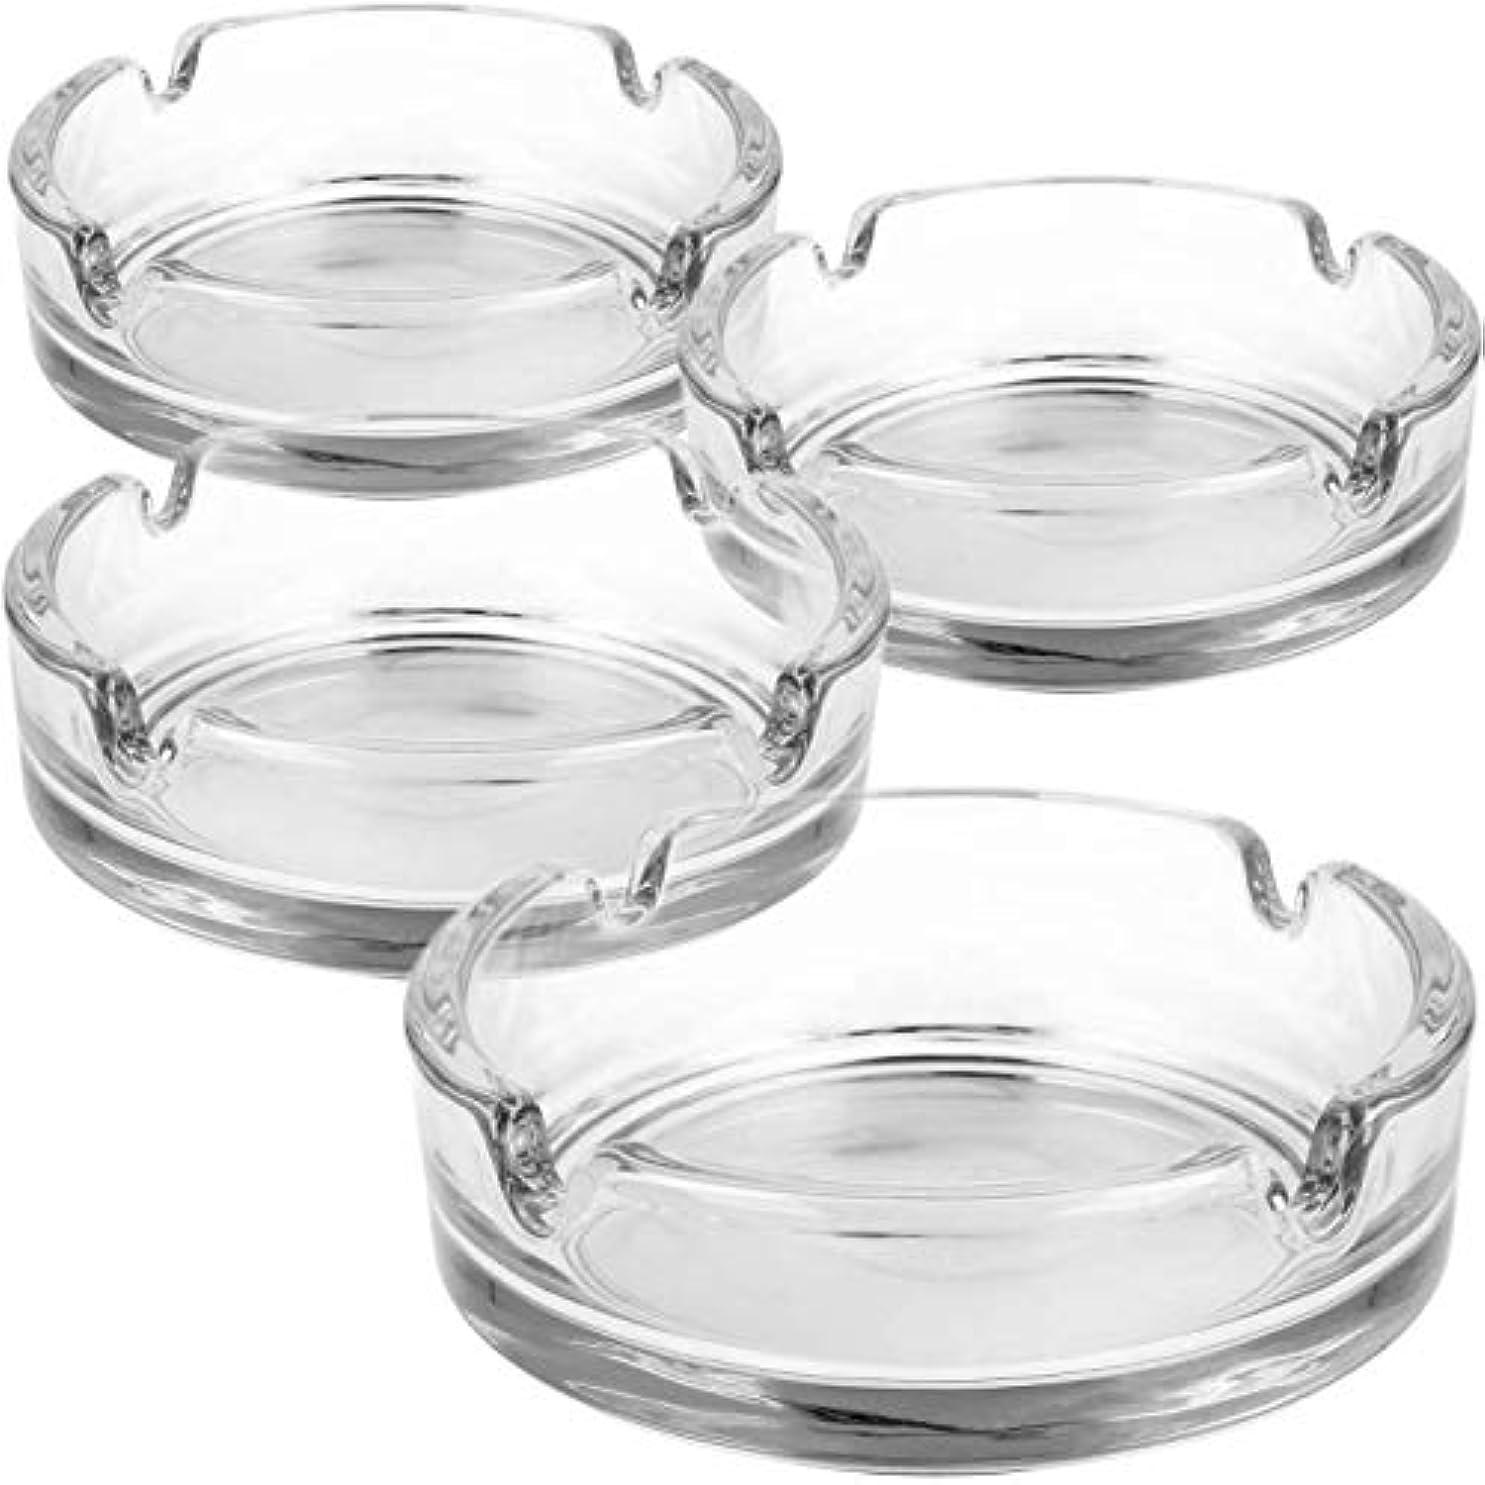 スチュアート島横過度のガラス製の4倍の灰皿 - タバコ用クリアガラスの灰皿 - プライベートと美食のための灰皿